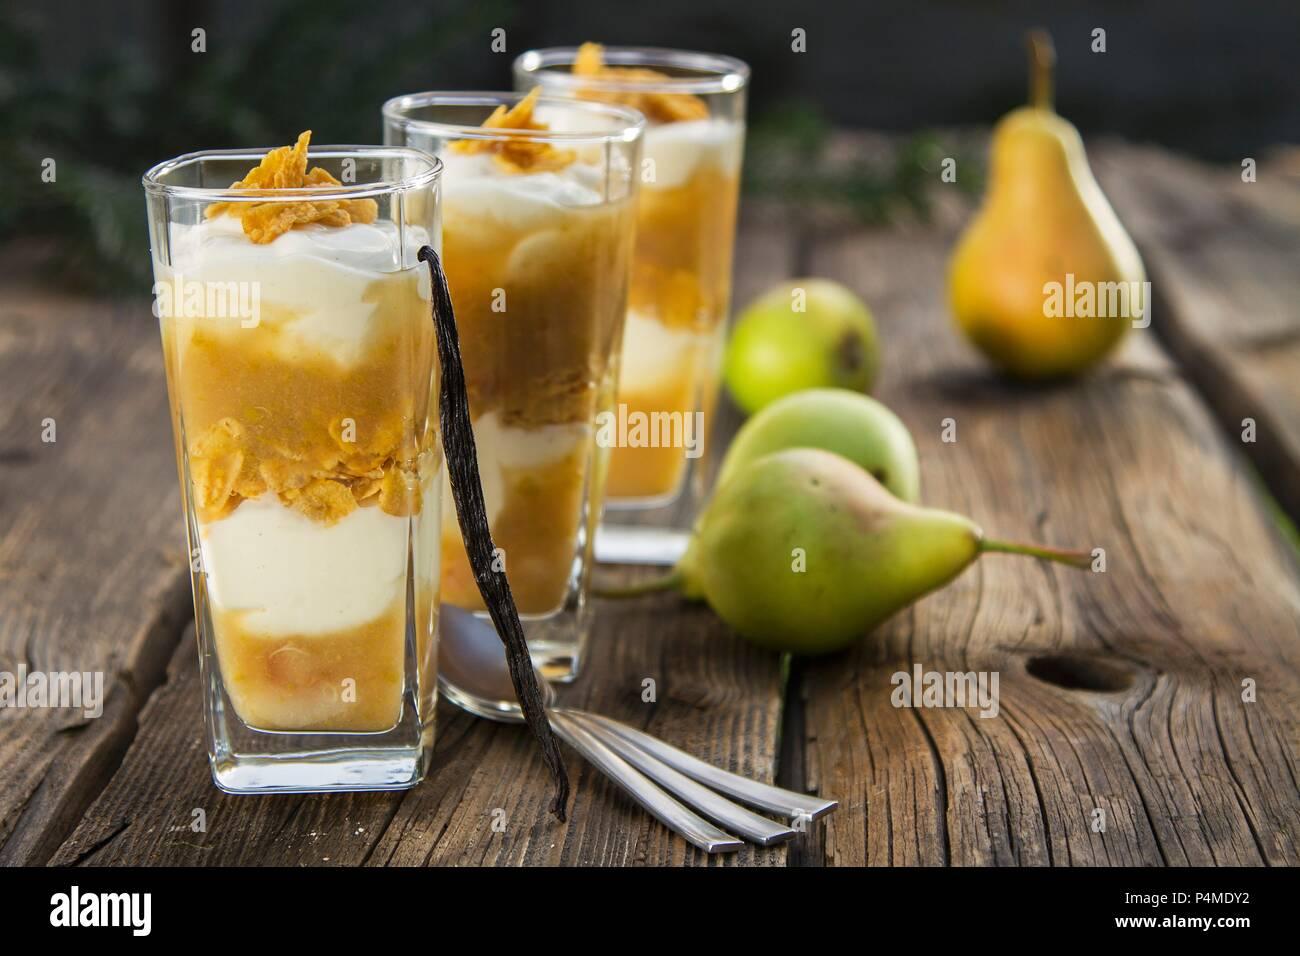 Pera dolci con yogurt alla vaniglia Immagini Stock